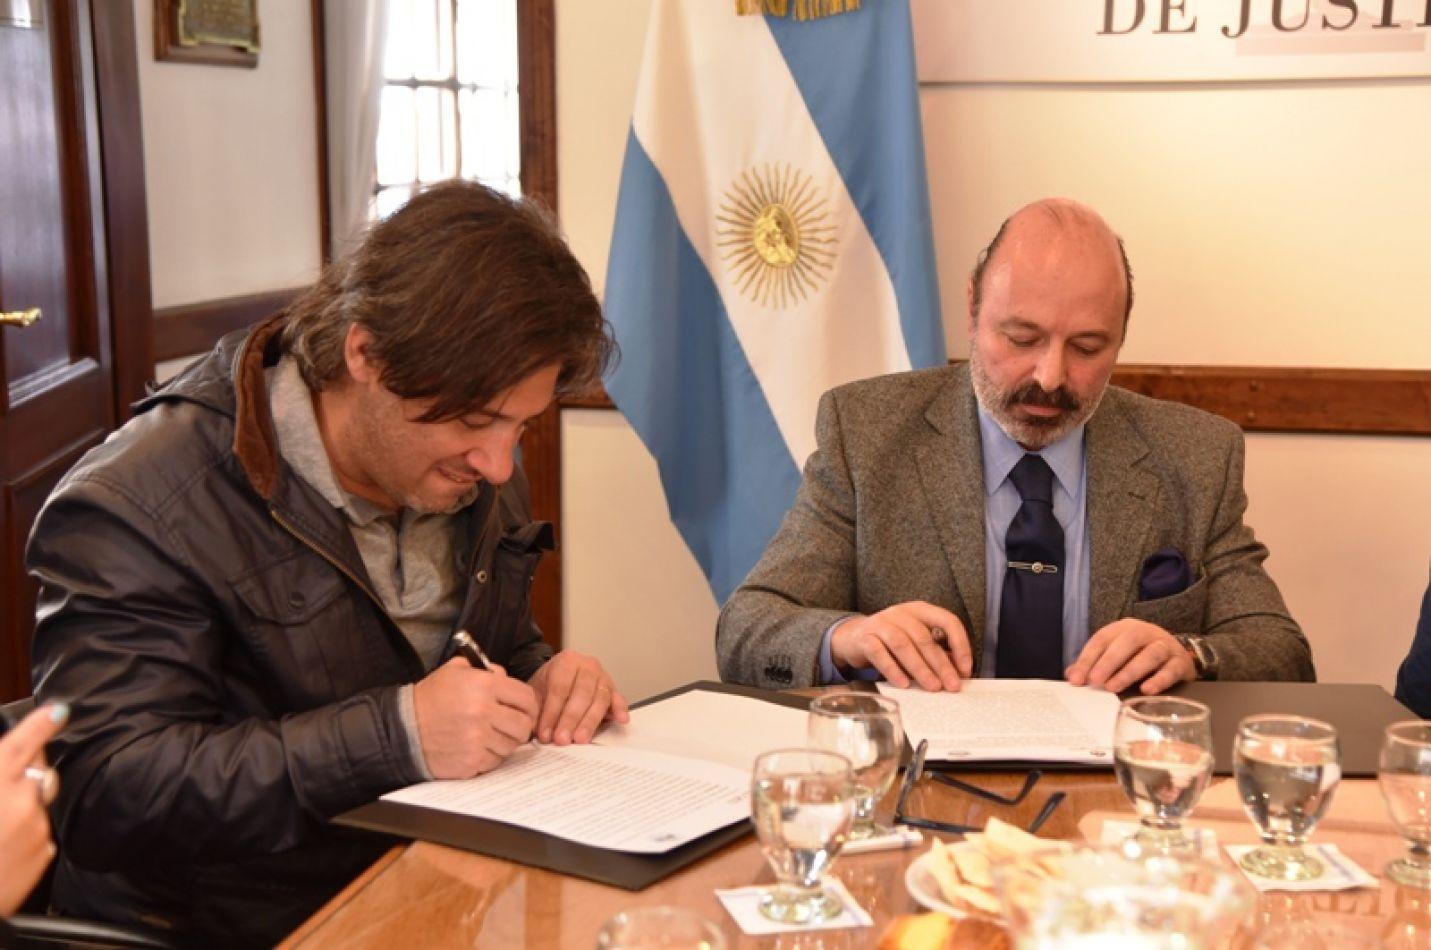 Ministro de Justicia y Derechos Humanos de la Nación, Doctor Germán Garavano